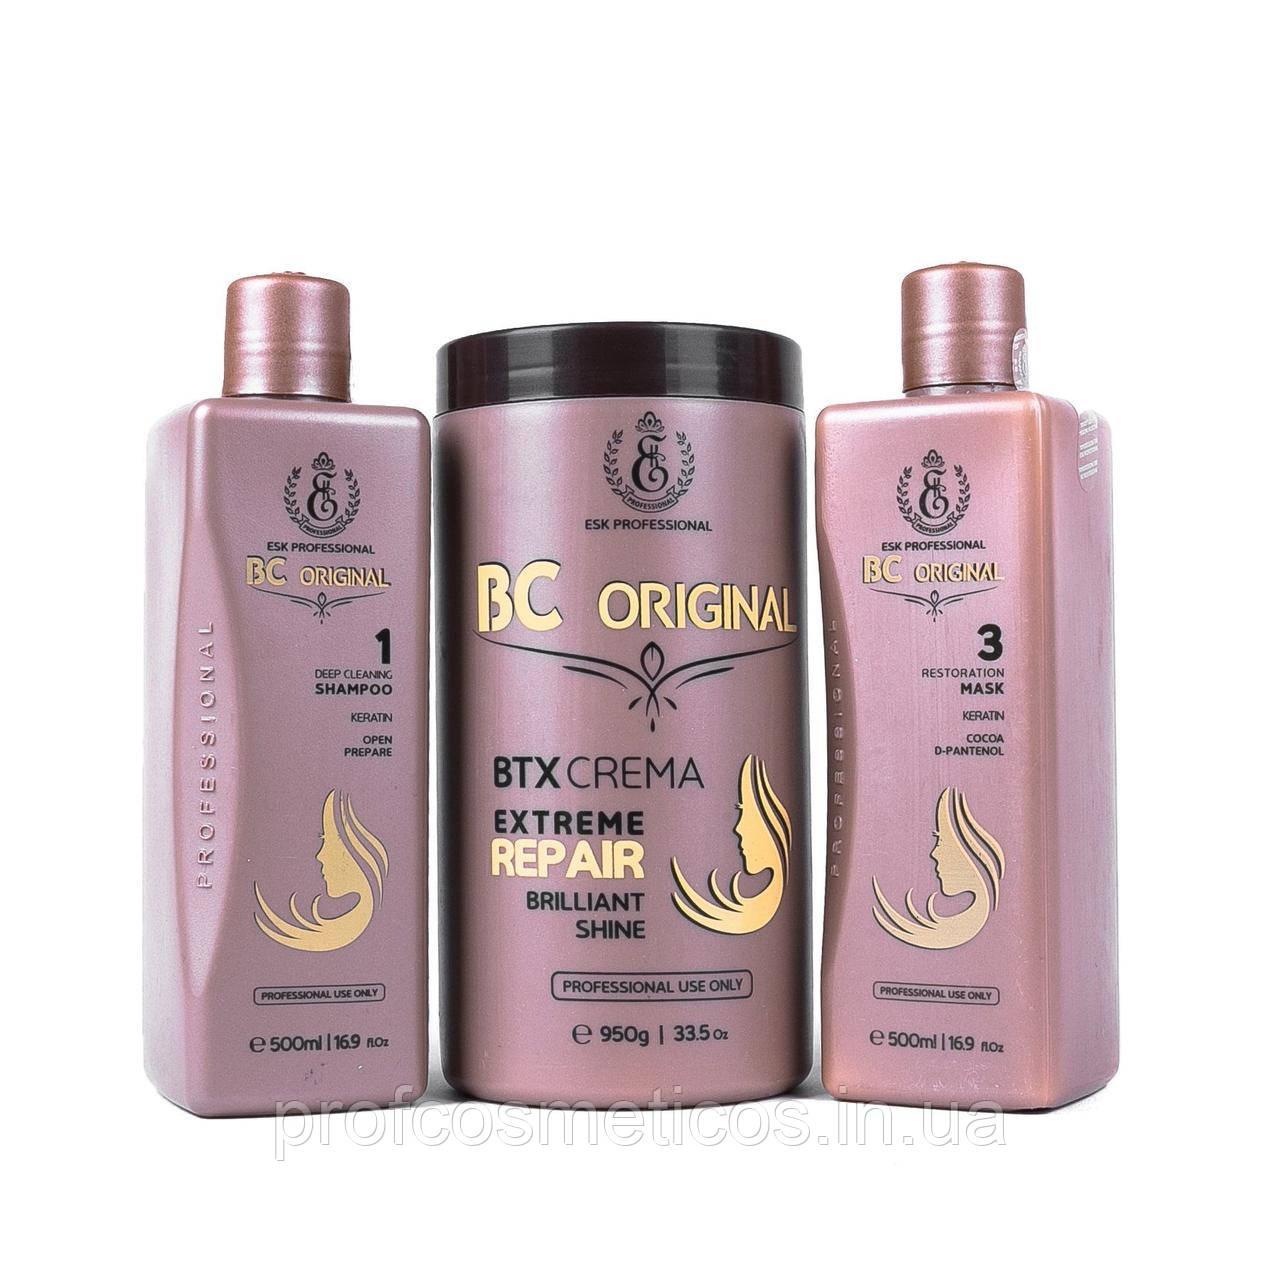 Набор для восстановления волос BC Original BTX crema 1000/950 мл